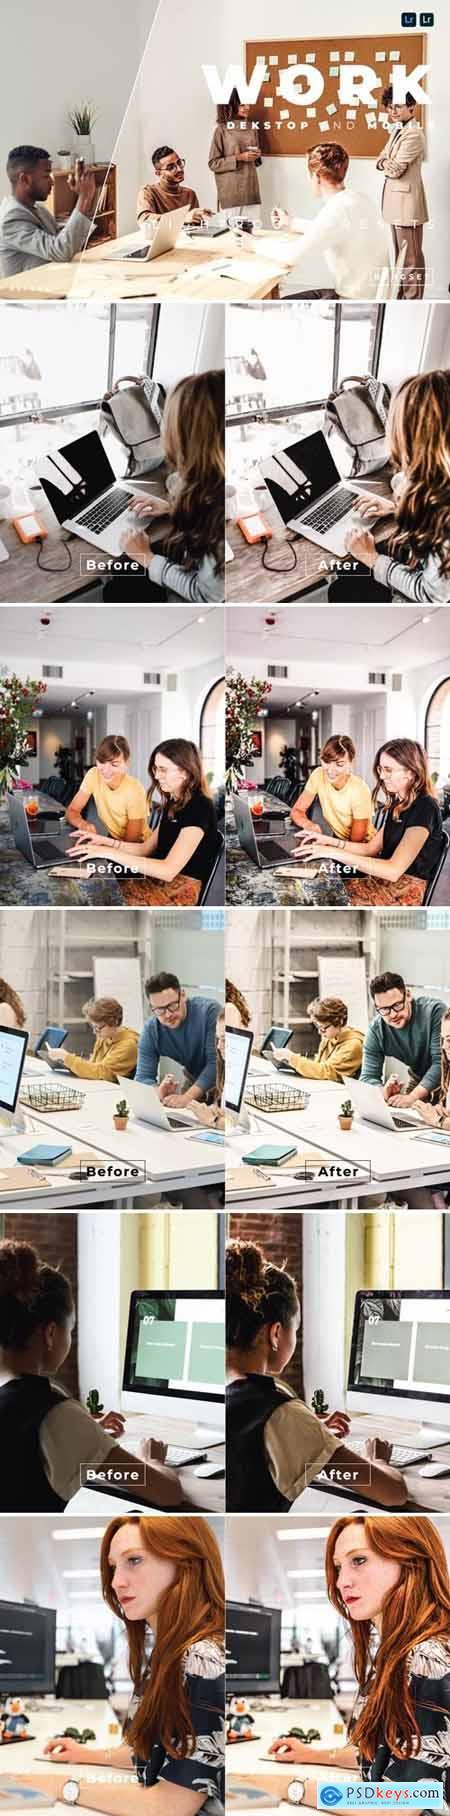 Work Desktop and Mobile Lightroom Preset